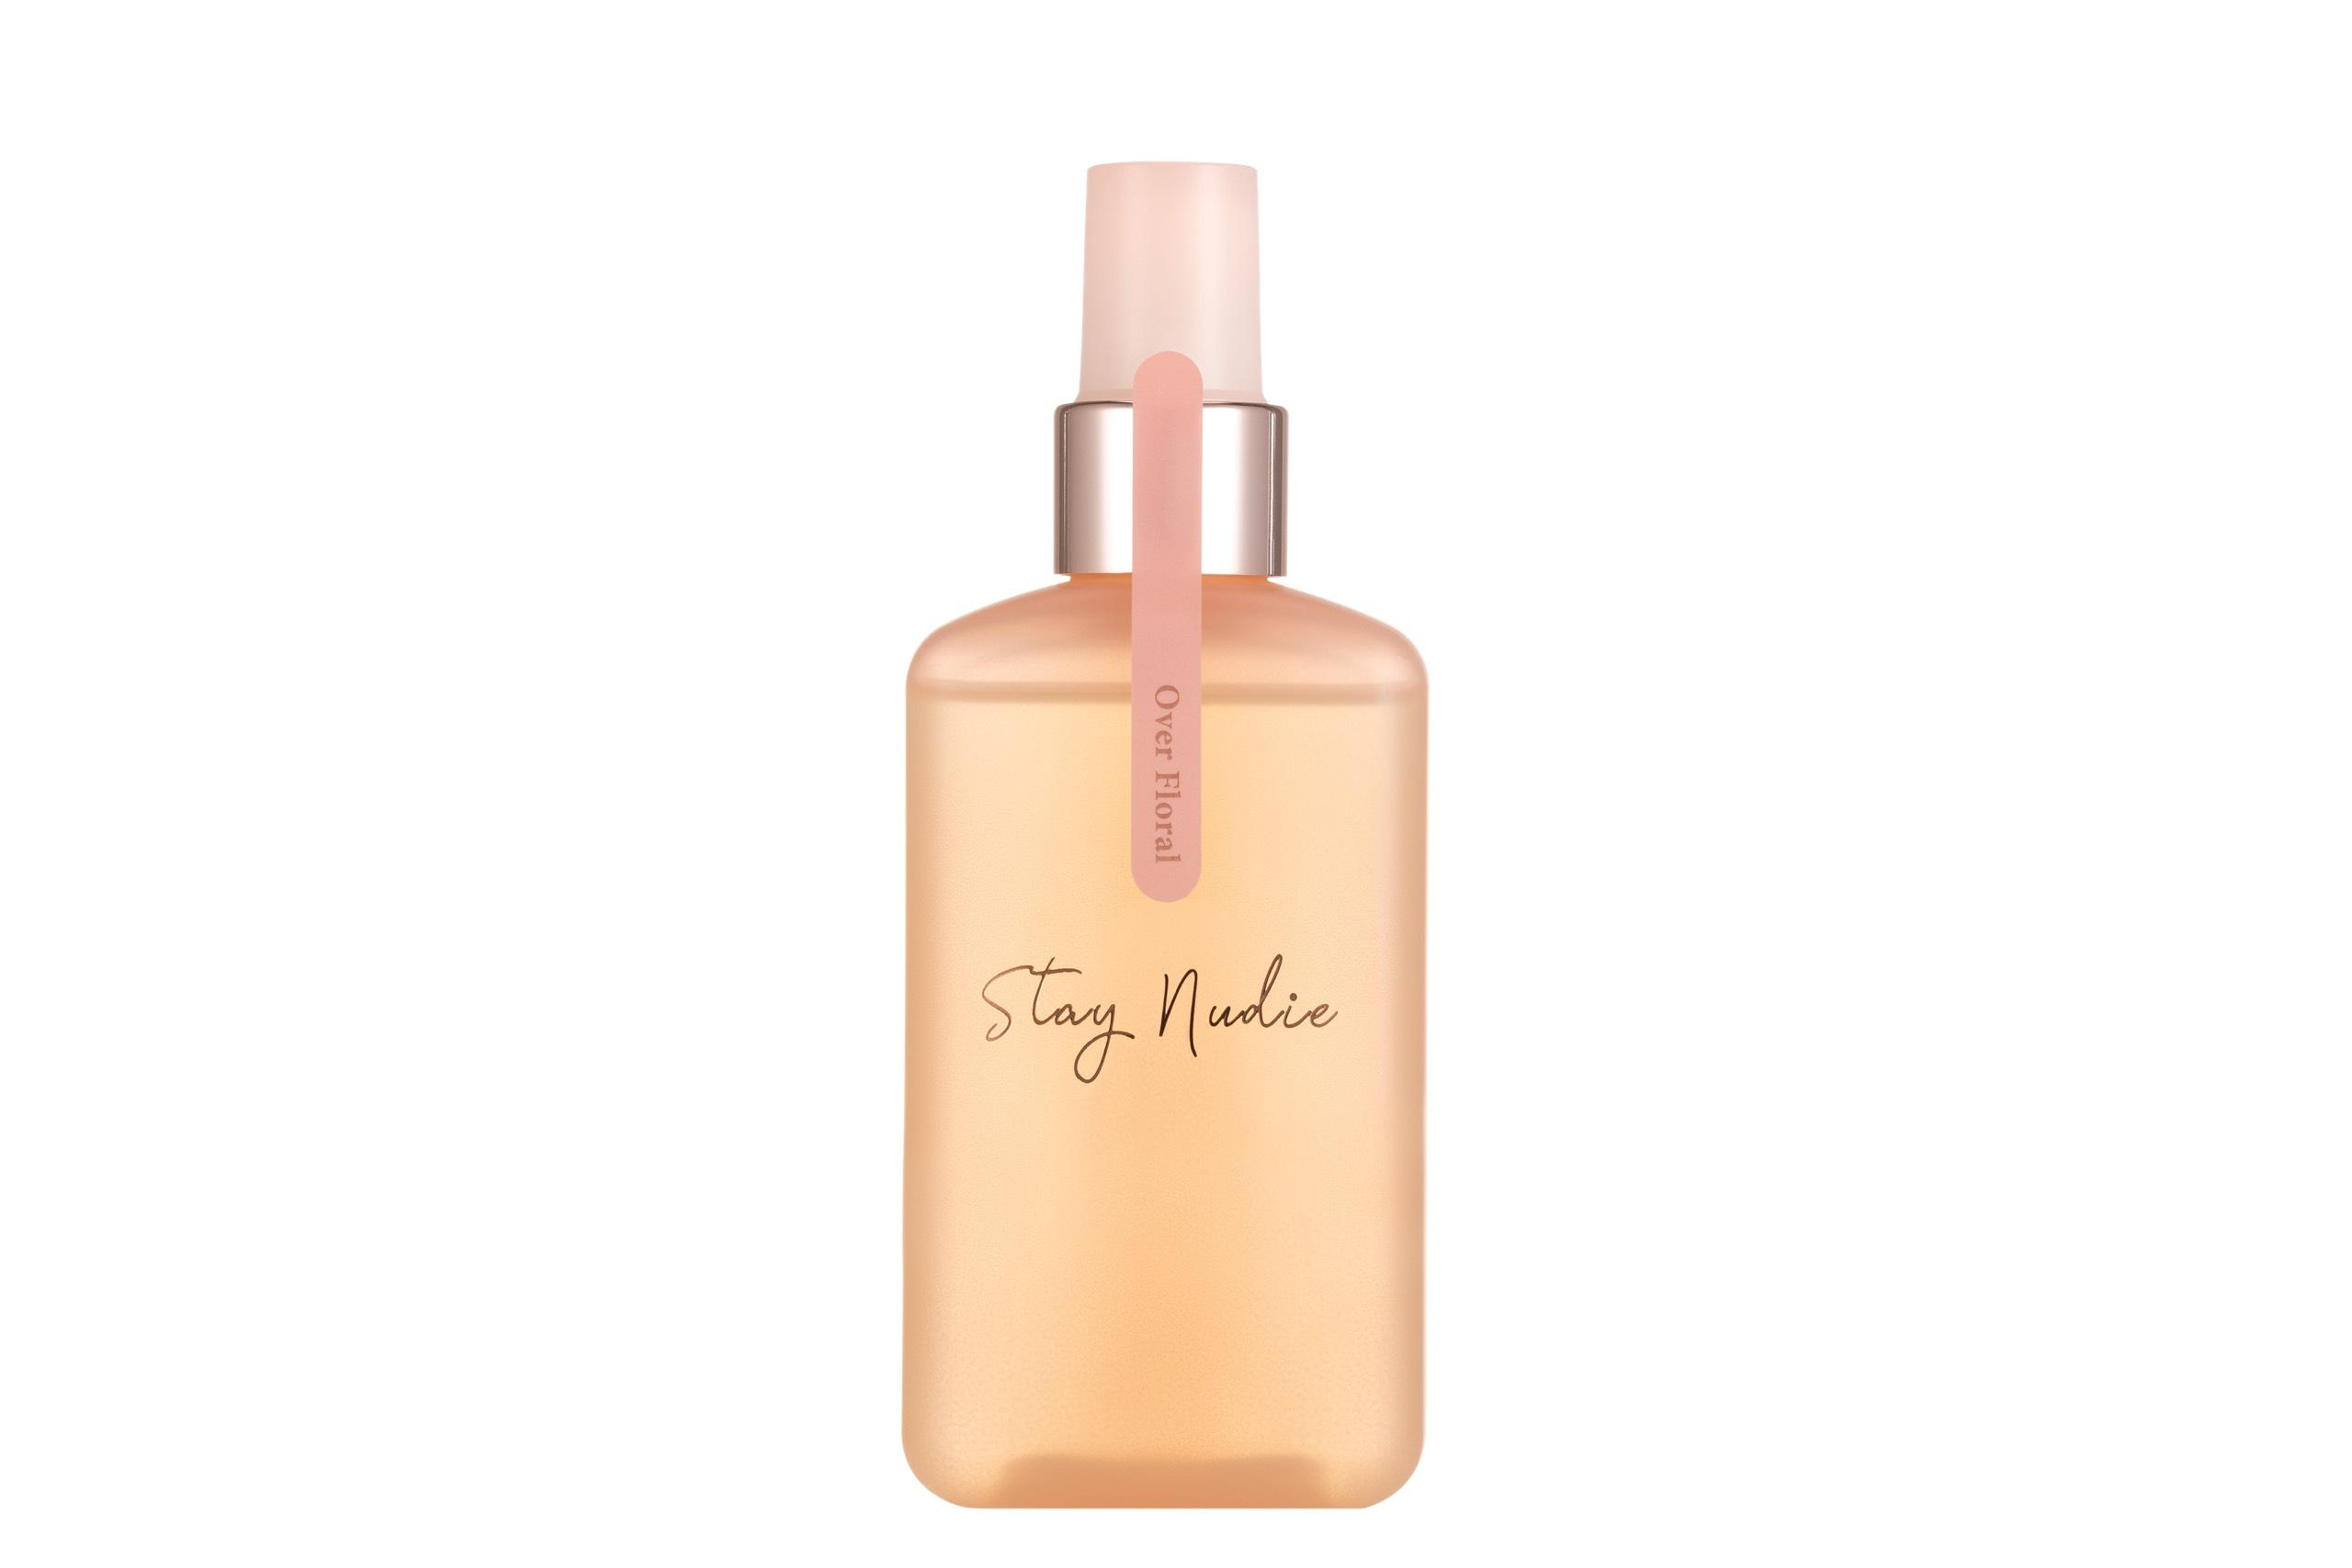 Xịt Thơm Toàn Thân Bodyholic Stay Nudie Hair & Body Mist 100ml